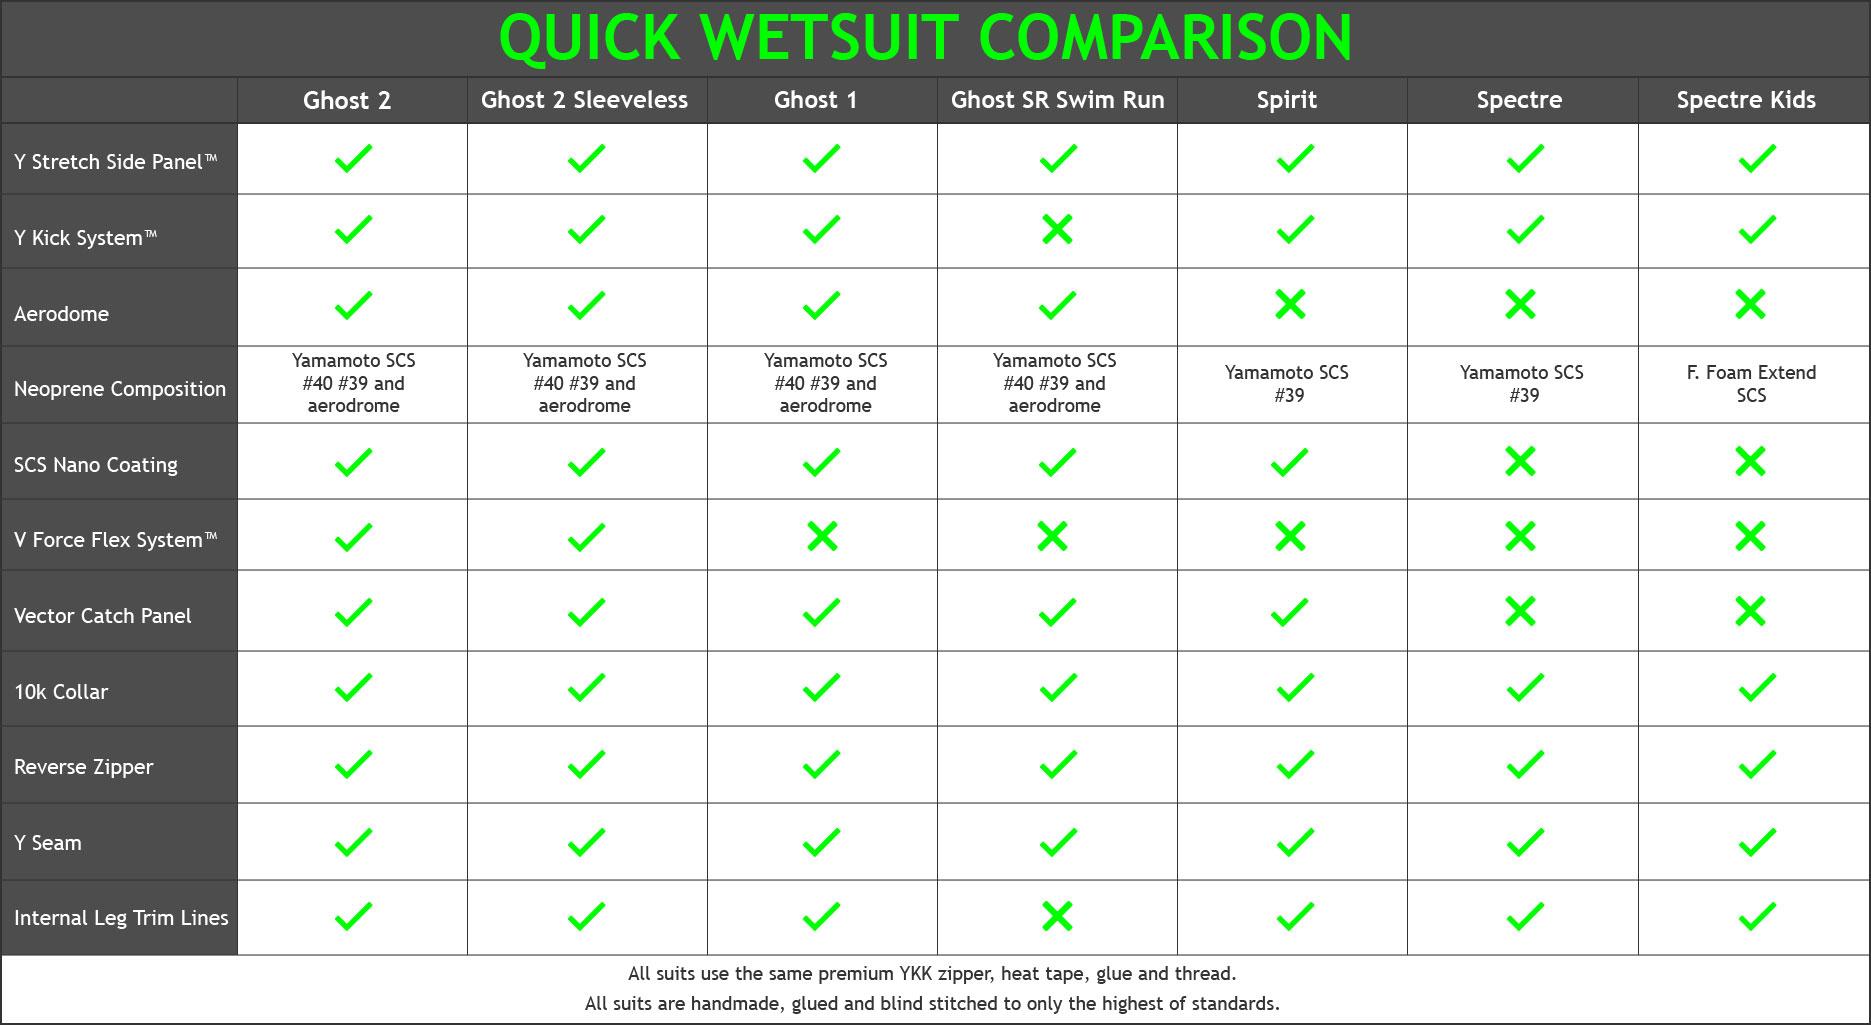 Wetsuit comparison chart